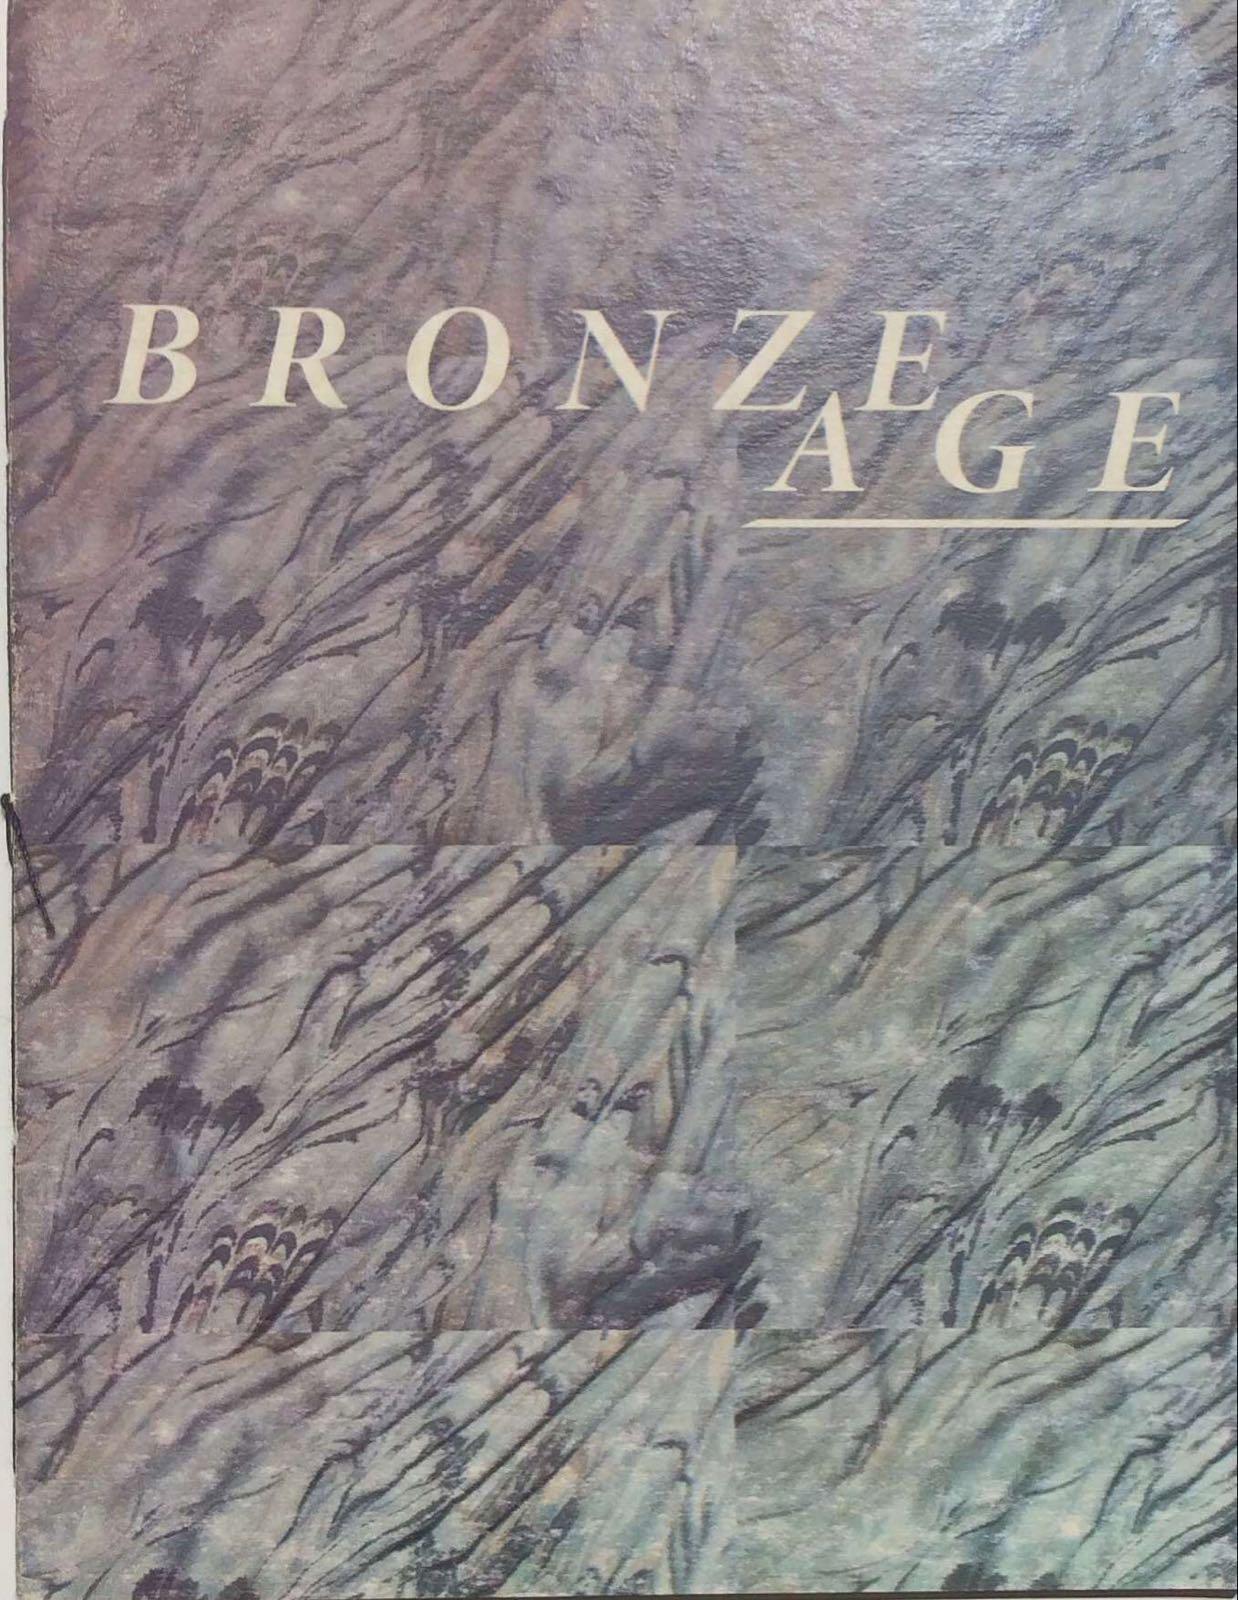 Bronze Age. Bronze Age